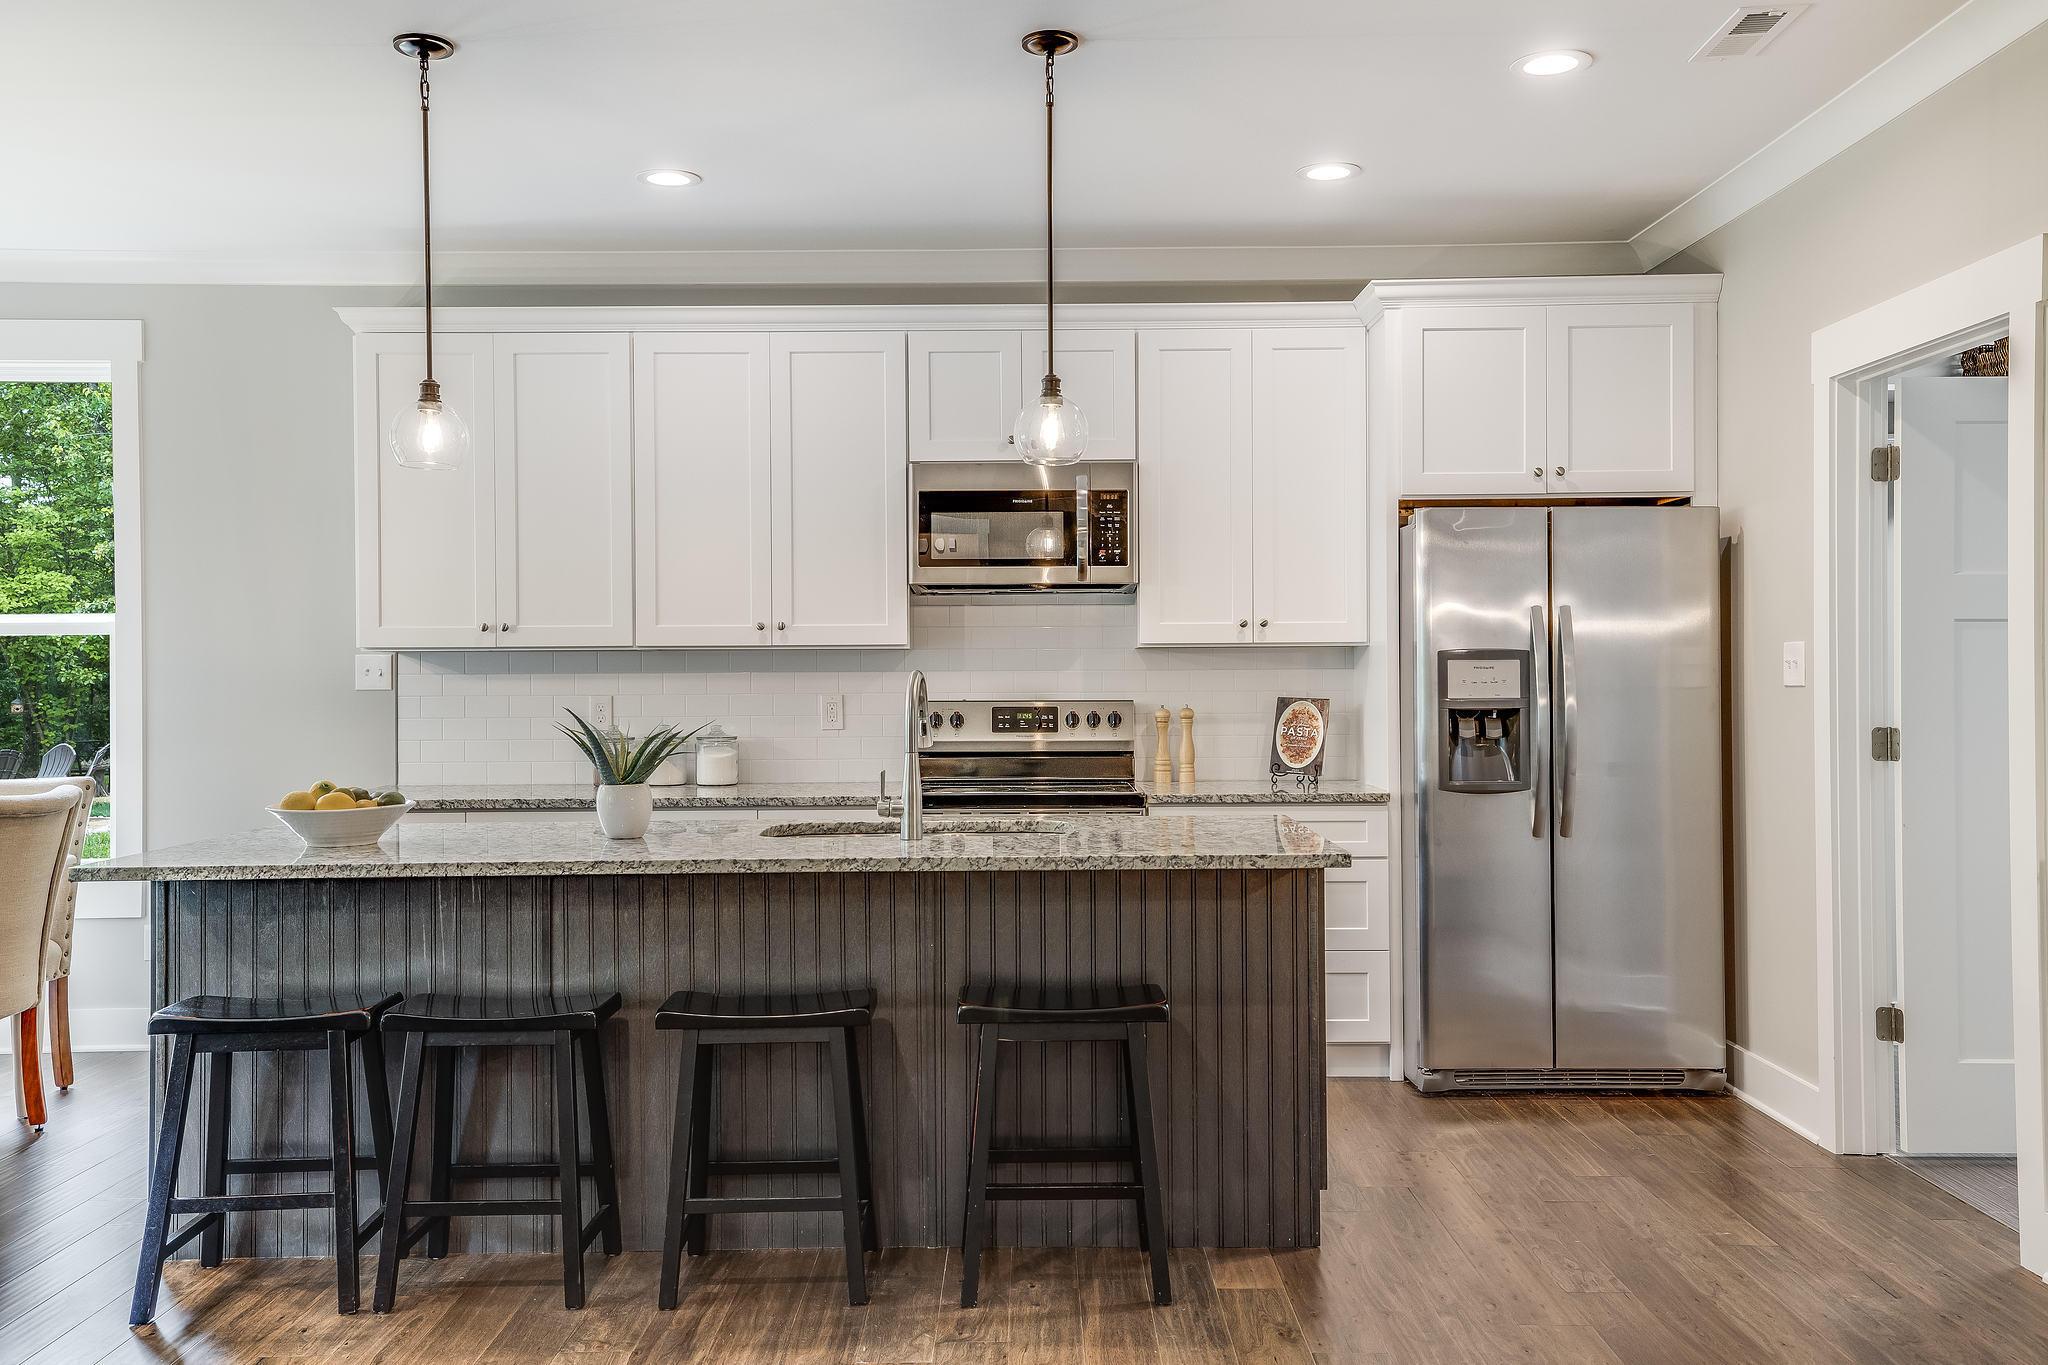 Designer appointed chef's kitchen